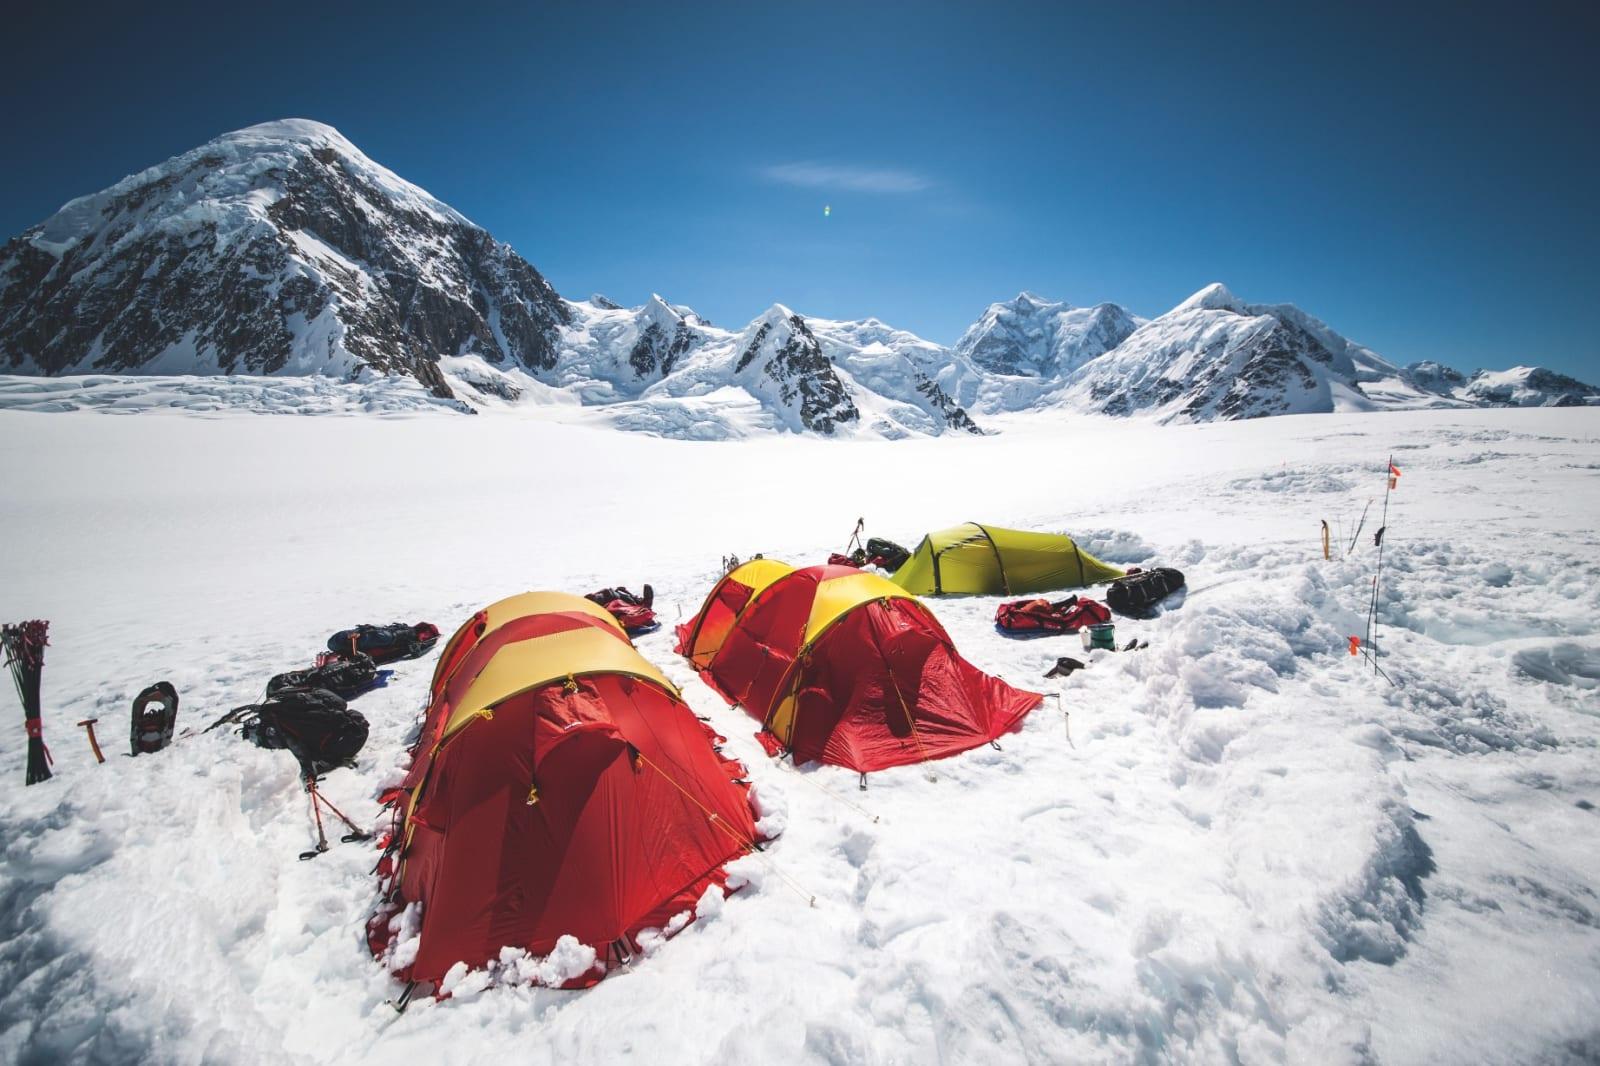 UNIK OPPLEVELSE: Å klatre Denali er en helt spesielt vakker opplevelse. Alle som drar hit har som mål å nå toppen. Men glem for all del ikke å nyte den flotte naturen og den klare luften.